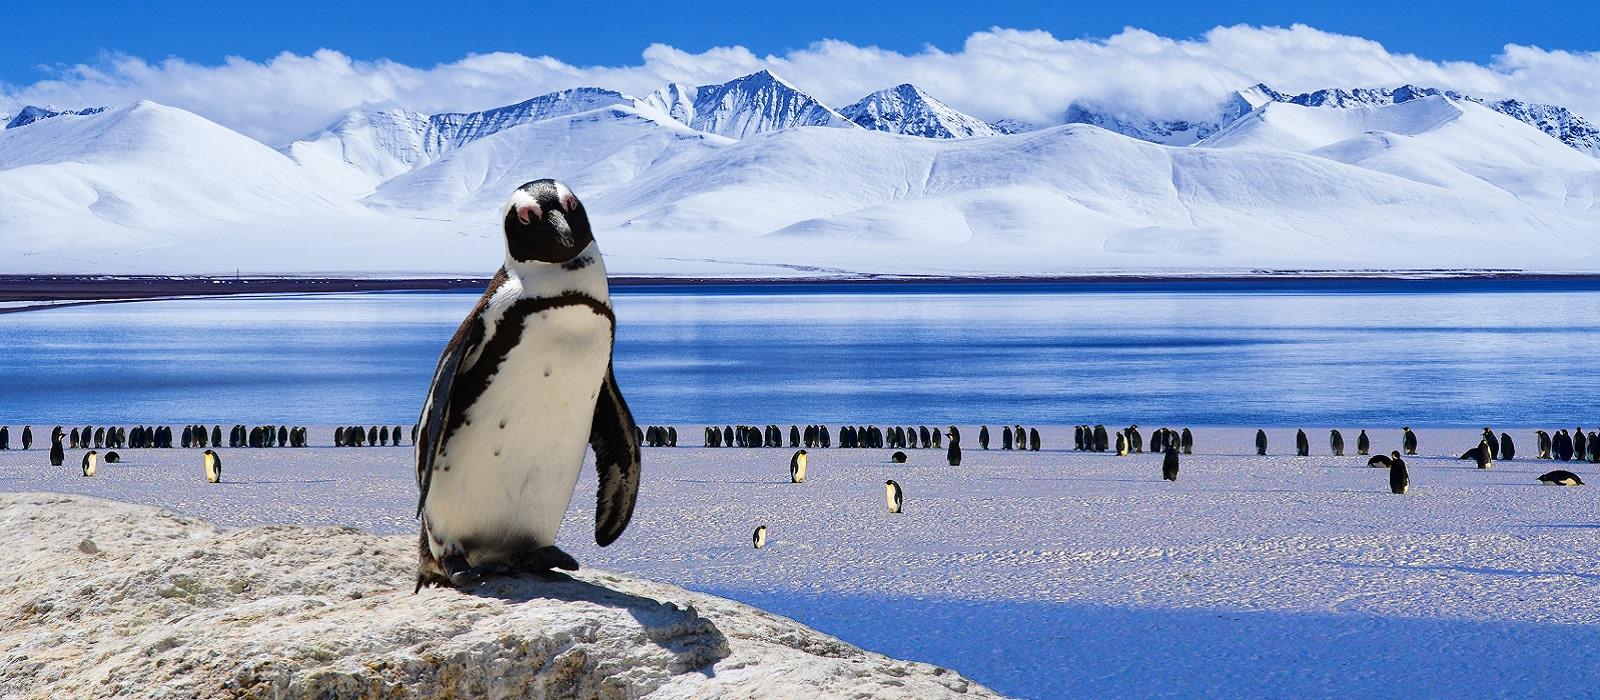 Pinguin auf einem Stein vor Gruppe von Pinguinen im Hintergrund am Strand der Antarktis